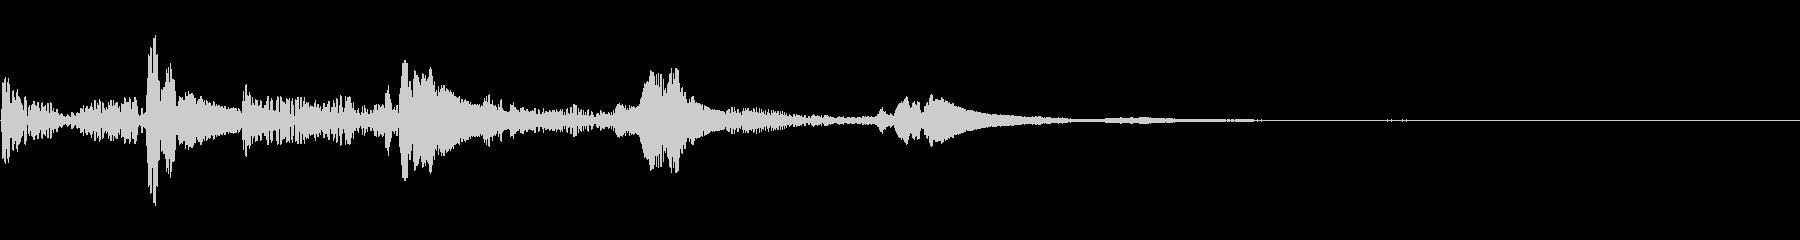 ステータス画面でのパラメータ調整SEの未再生の波形